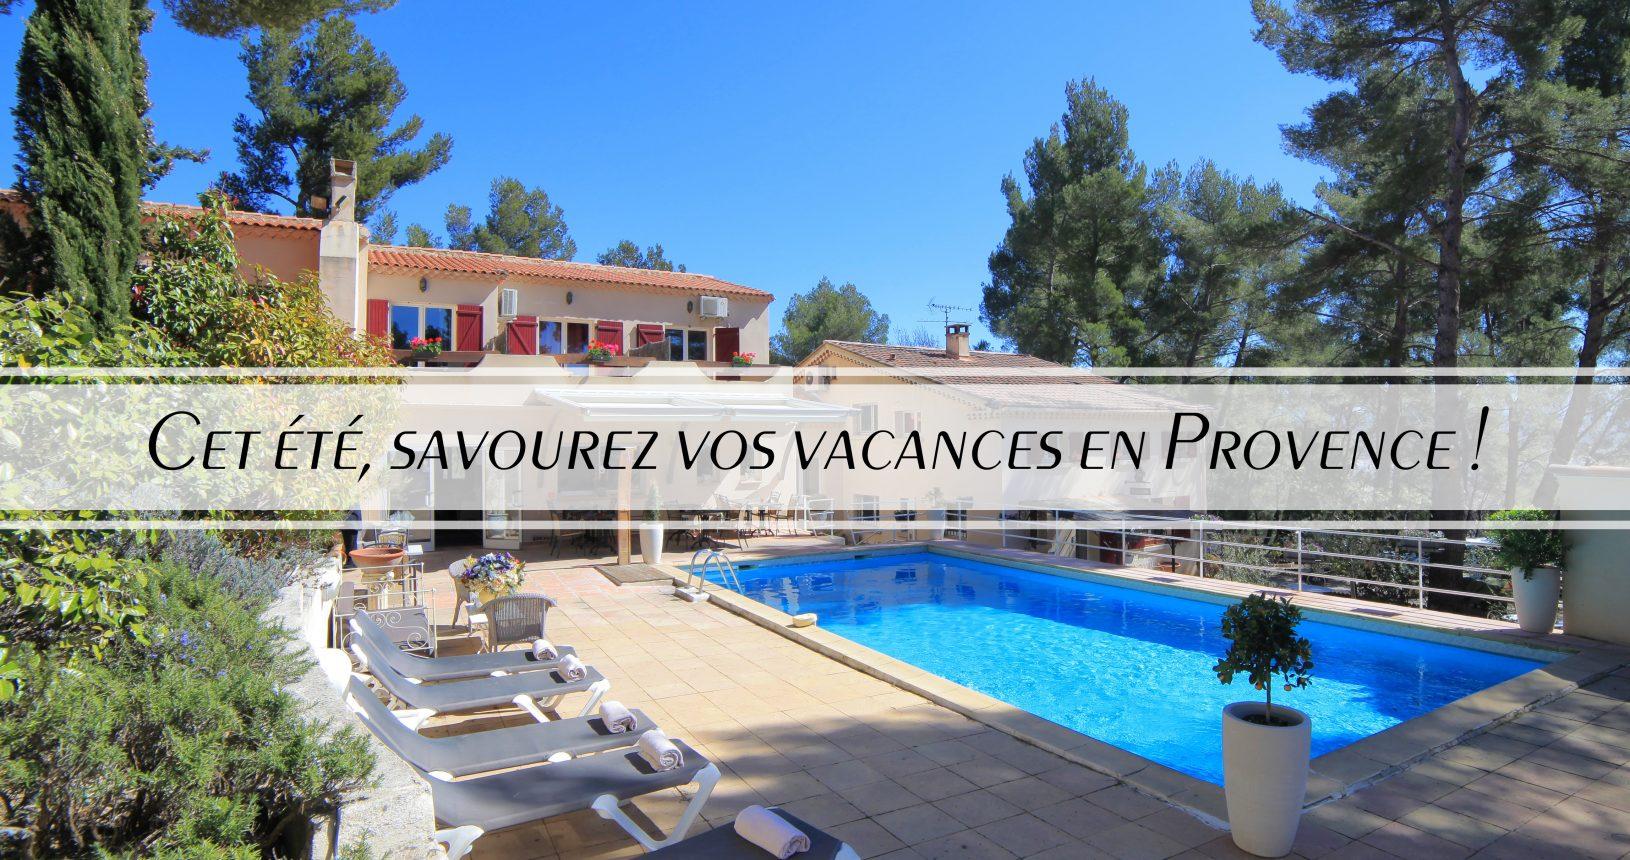 cet été savourez vos vacances en provence